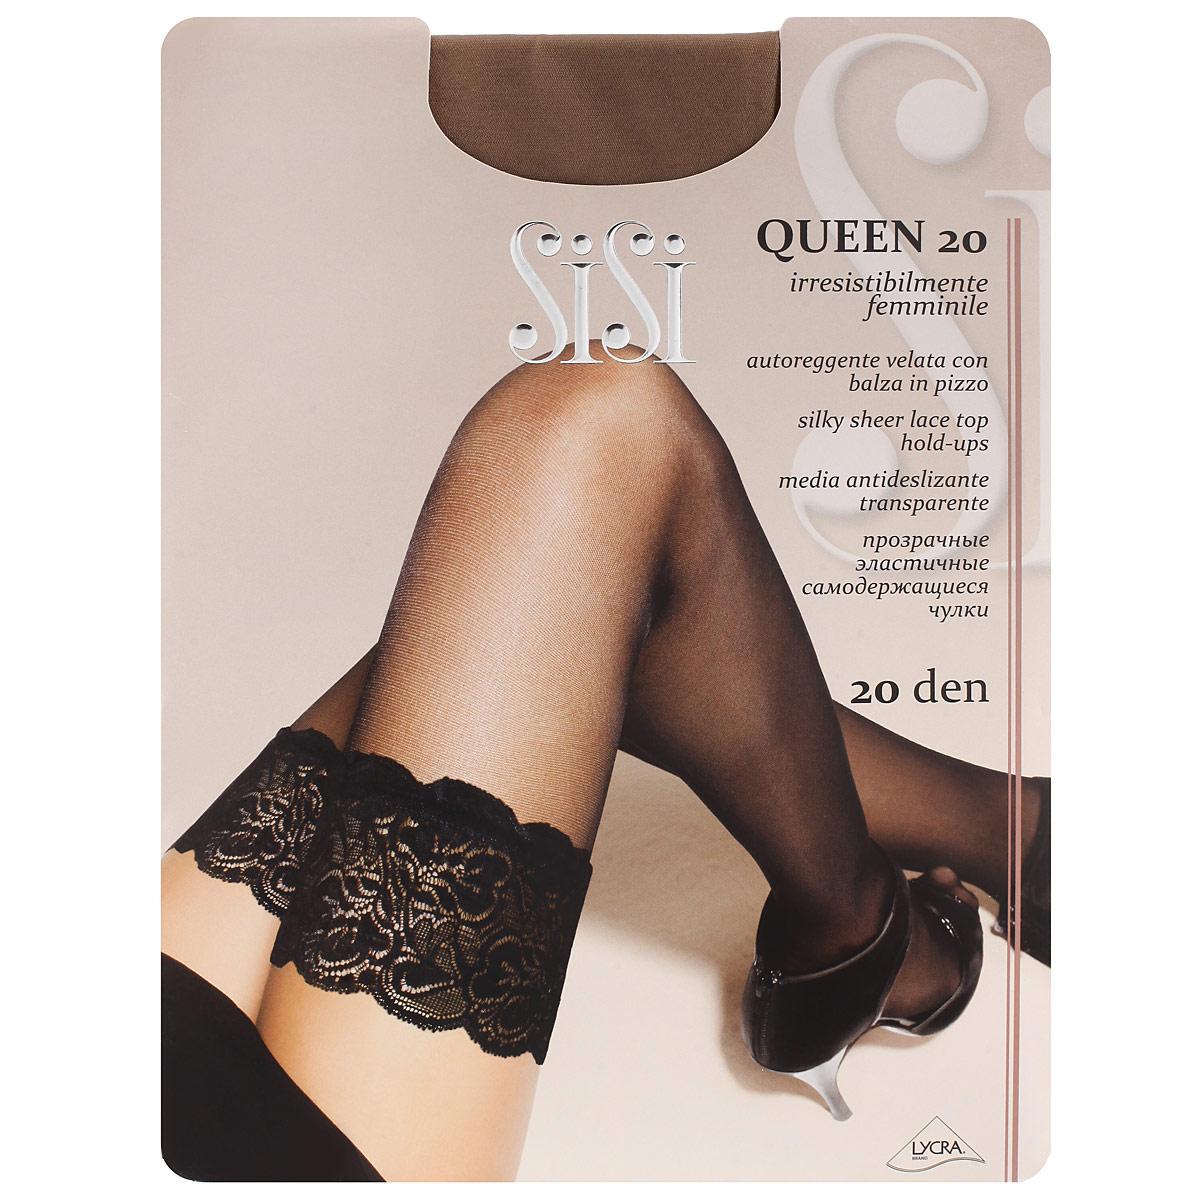 Чулки женские Sisi Queen 20, цвет: загар. SSP-001876. Размер 4Sisi queen 20 (чулки)Тонкие прозрачные чулки Sisi Queen 20 с фиксирующей резинкой на силиконовой основе и незаметным усиленным носком.